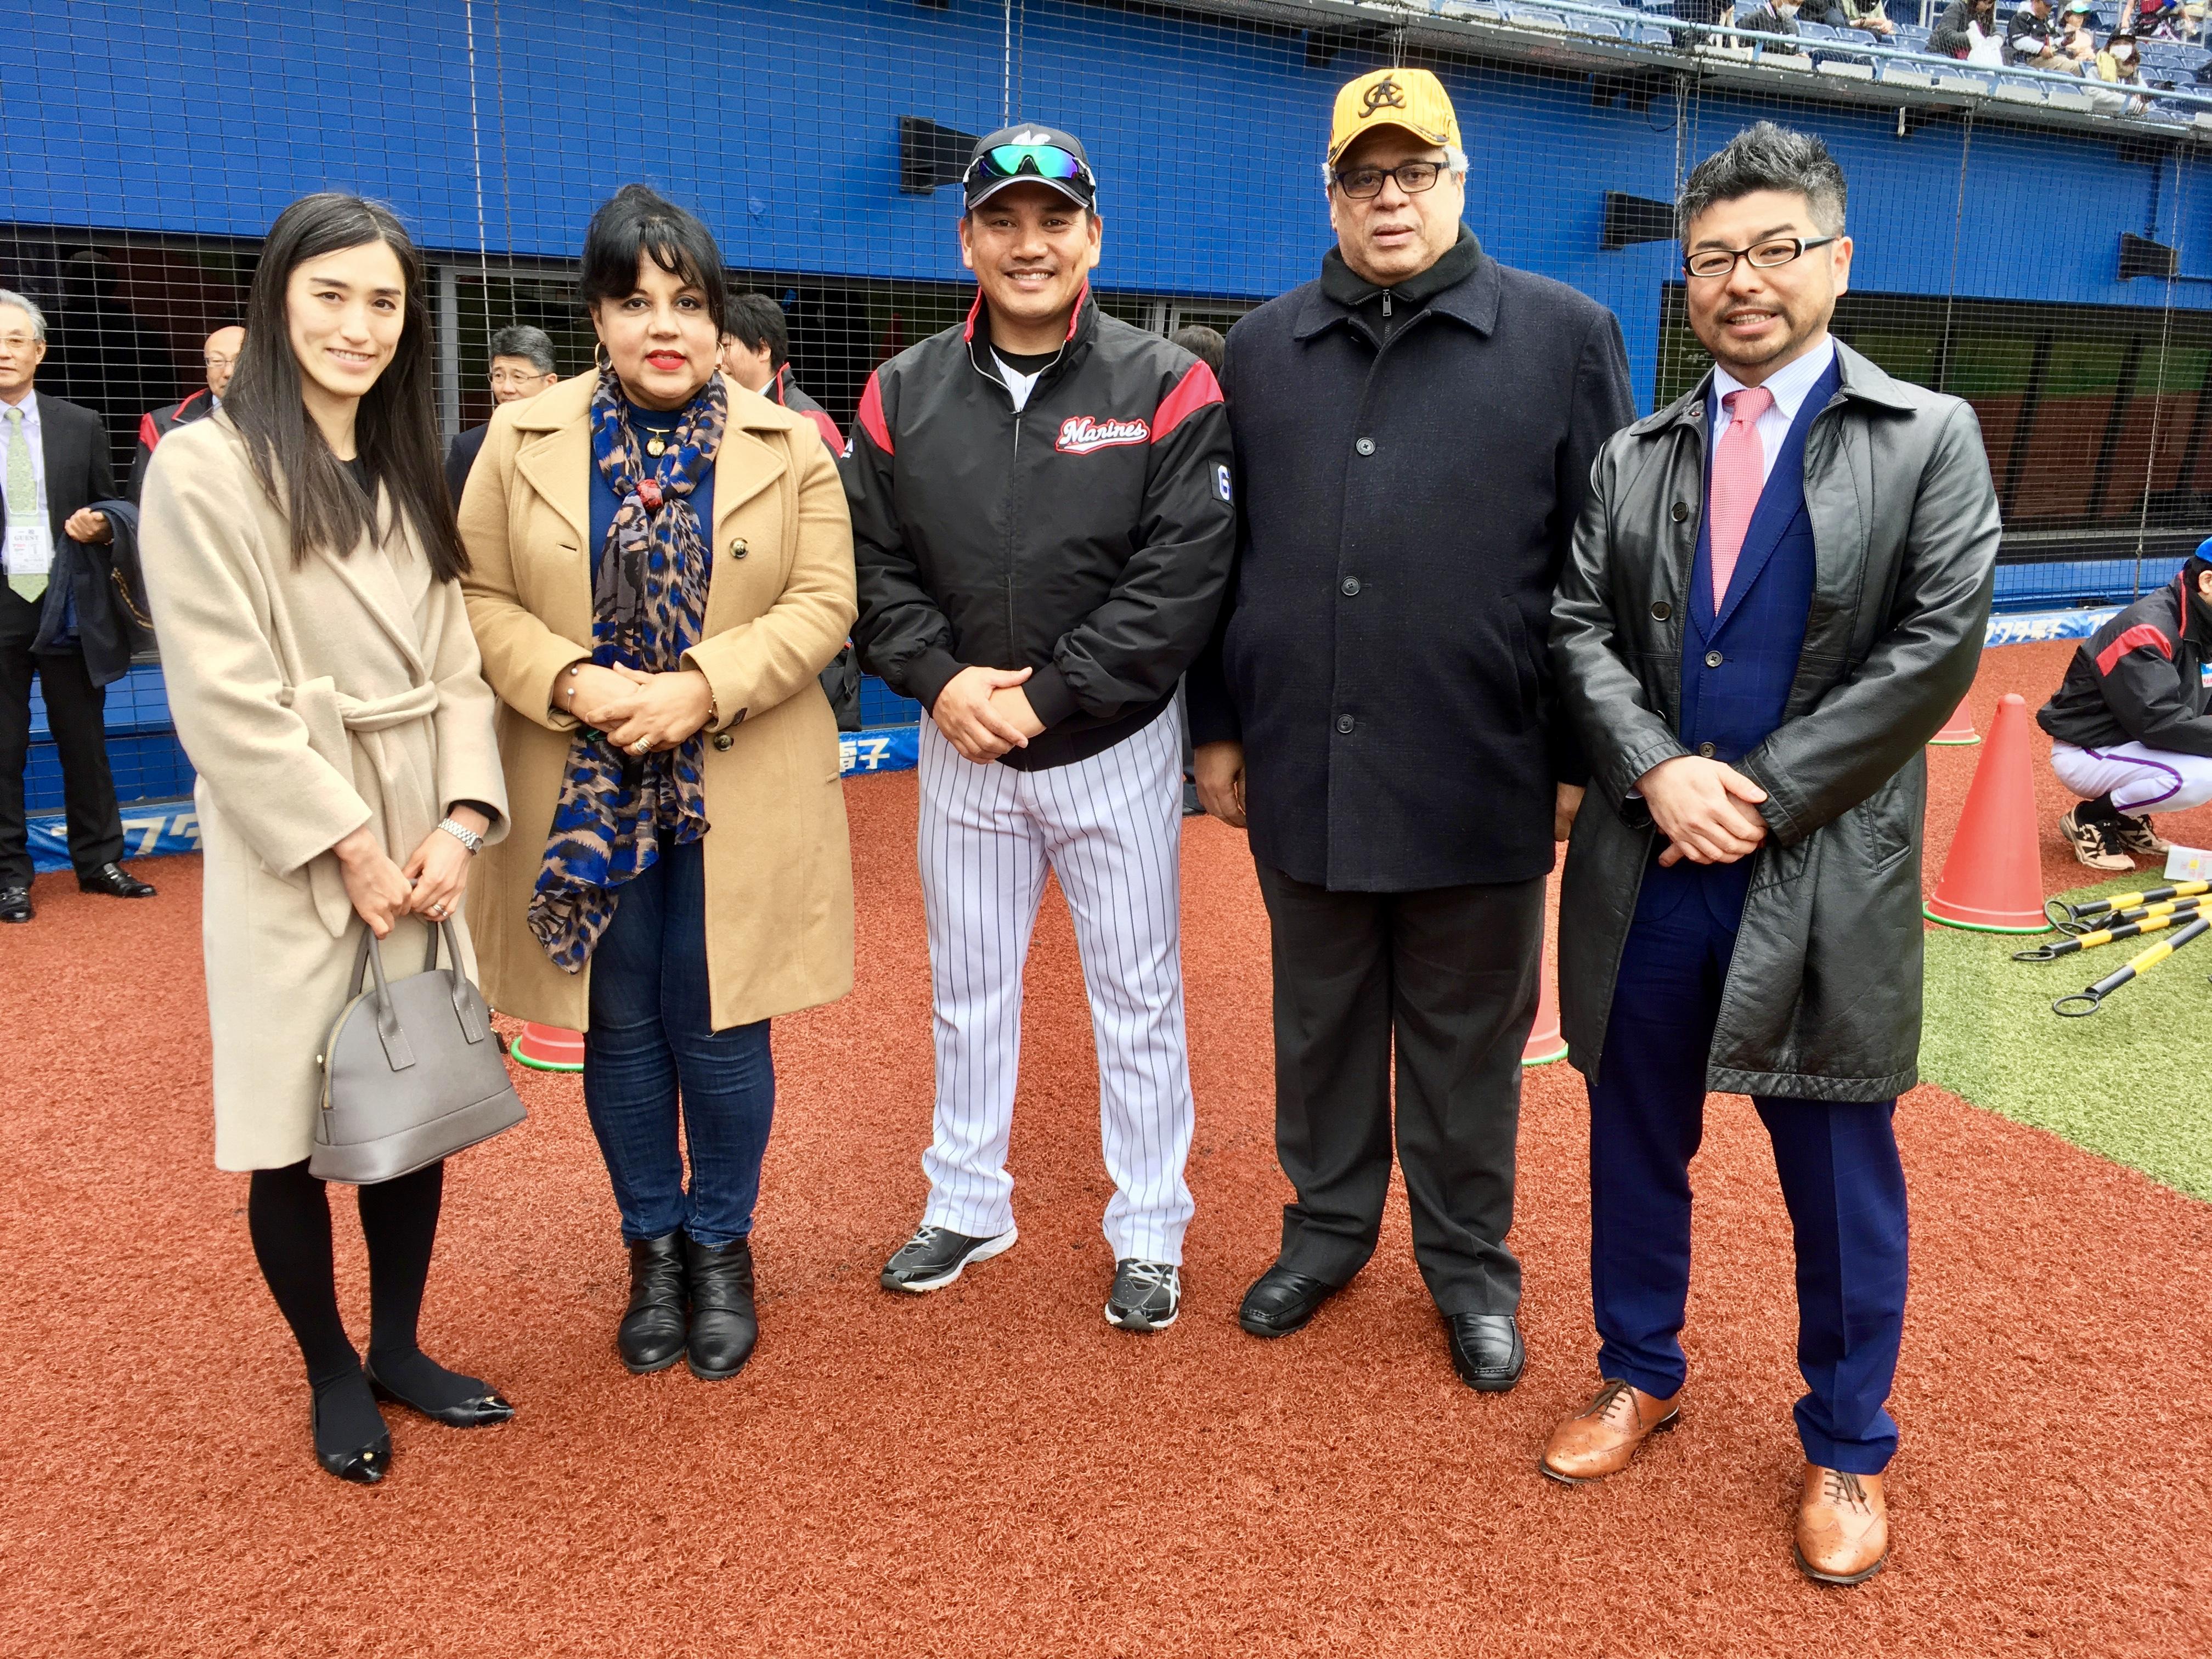 千葉ロッテマリーンズ開幕シリーズ! (¡Visitamos a la serie de apertura en Chiba Lotte Marines!)